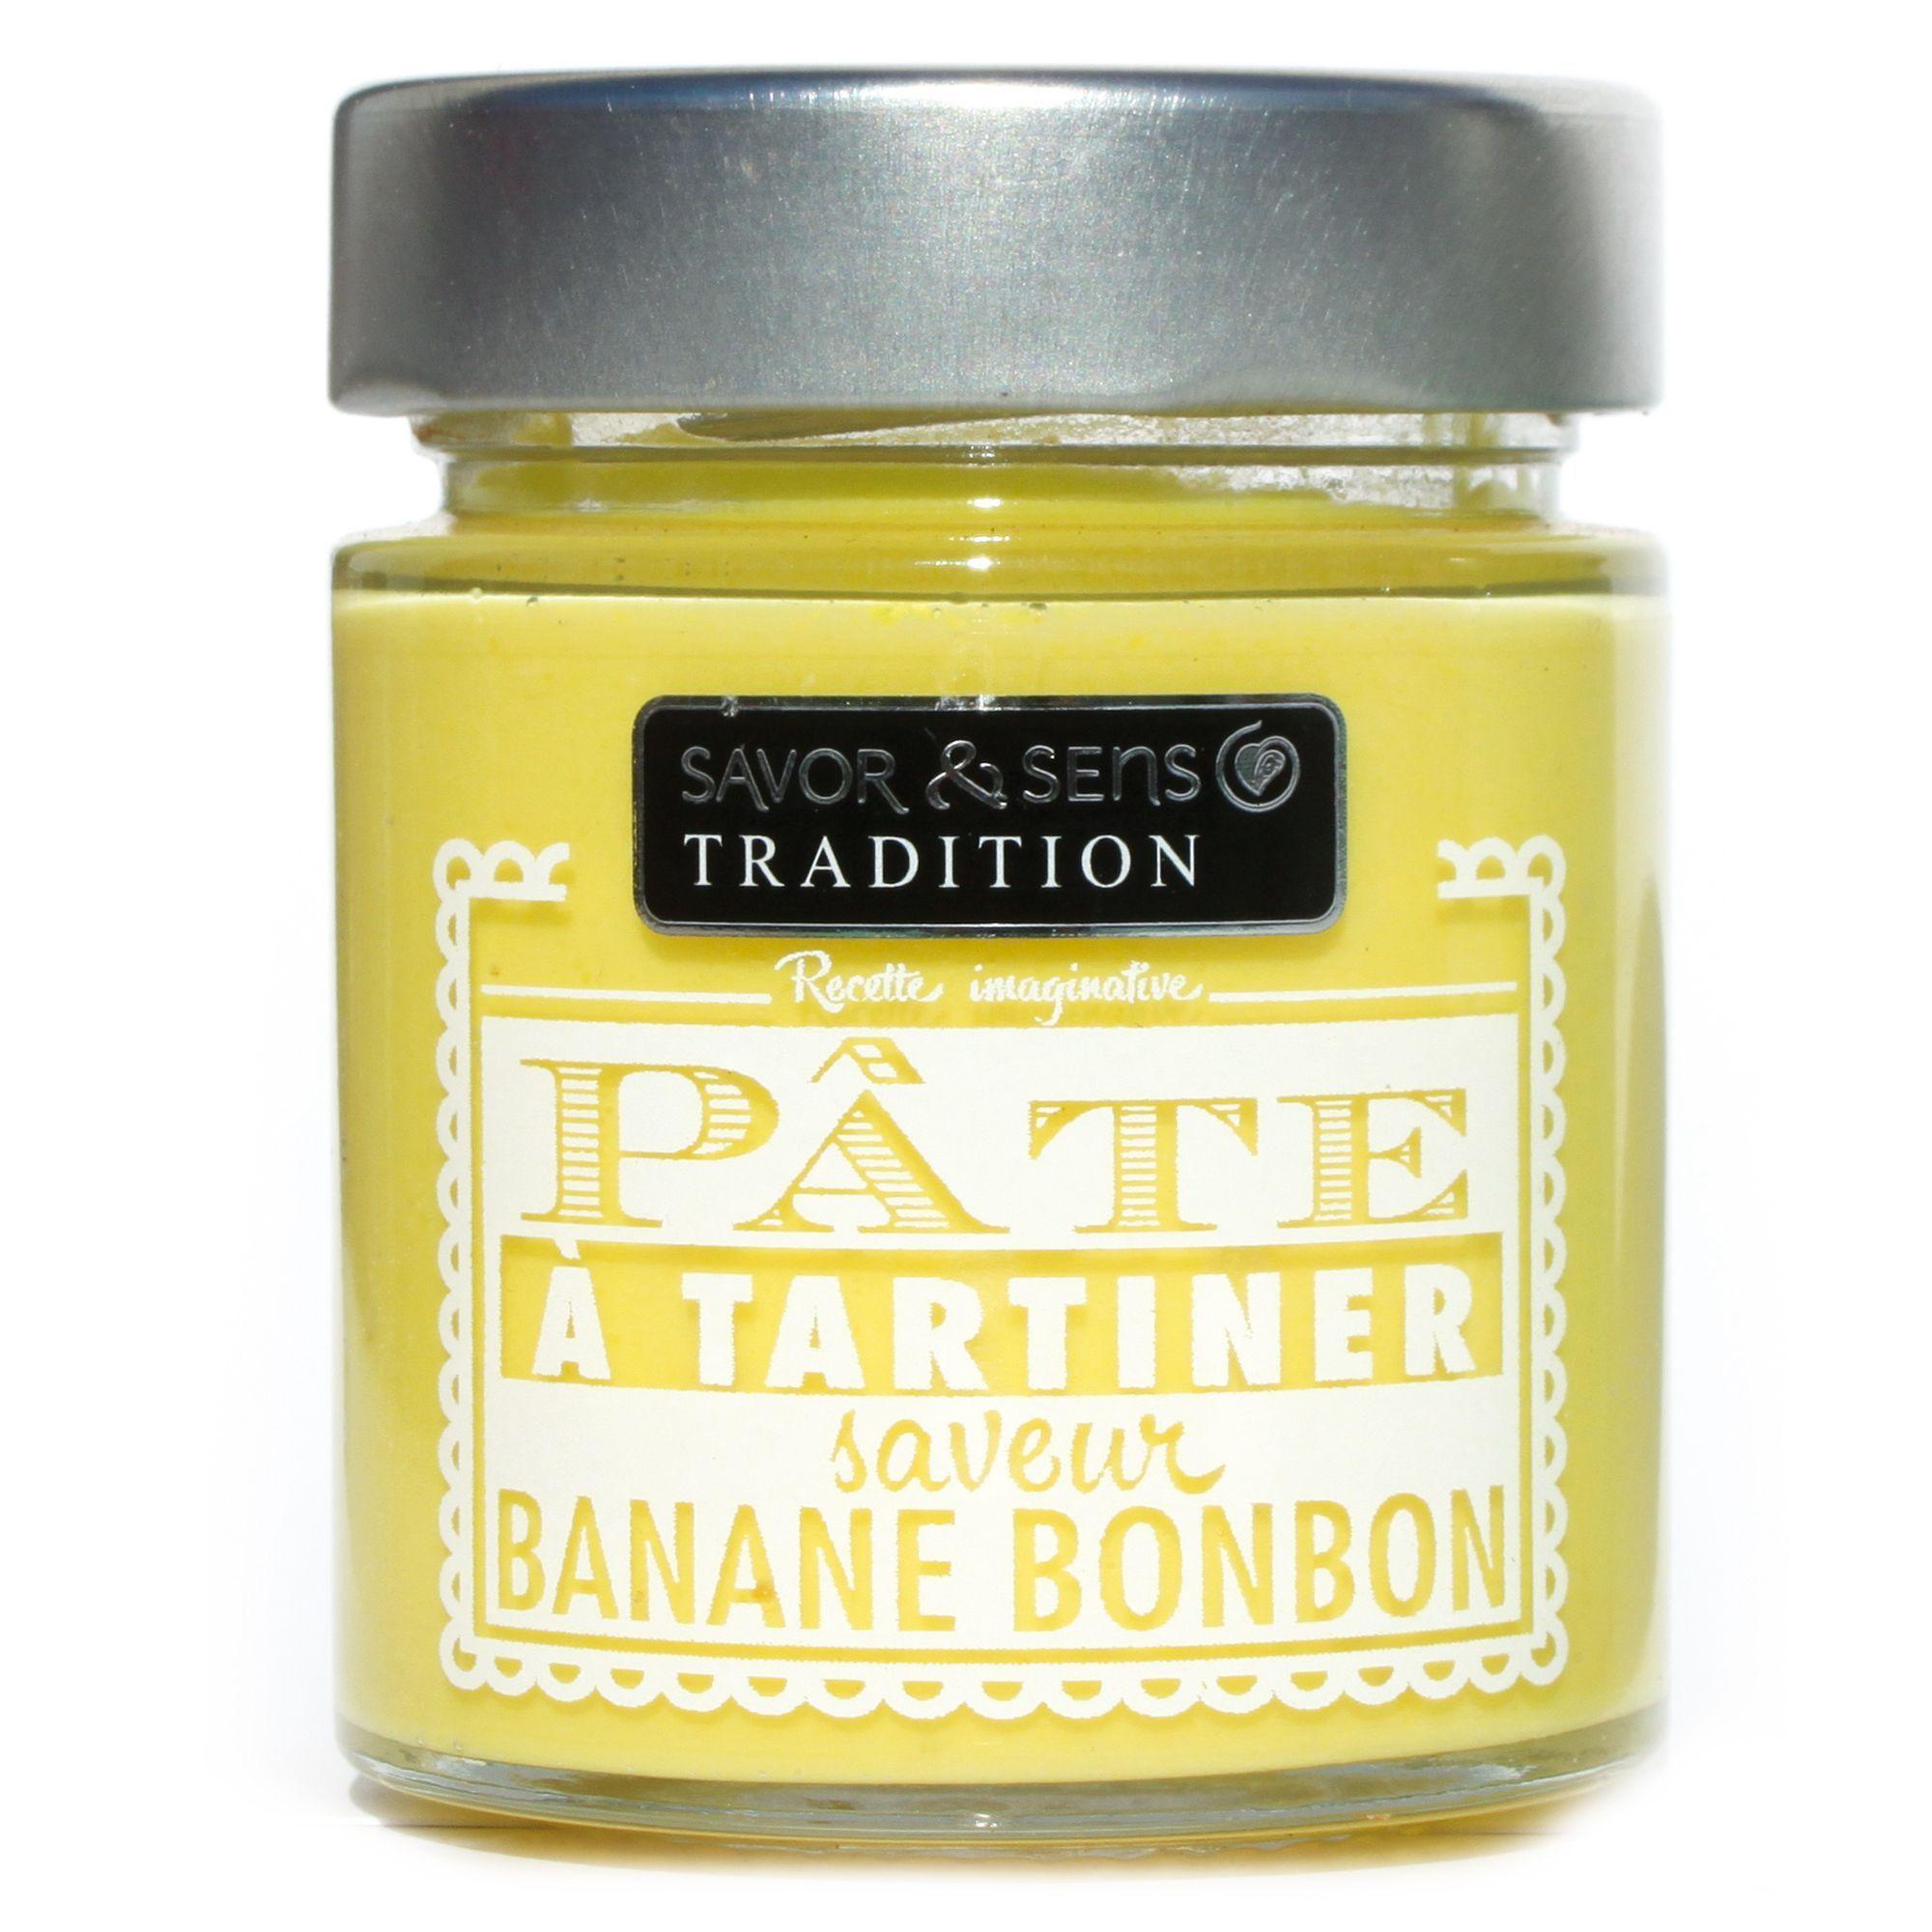 Pâte à tartiner saveur bonbon à la banane - 150 g - Pastels - Plaisirs sucrés-Épicerie gourmande-Cuisine-Par pièce - Décoration intérieur - Alinea